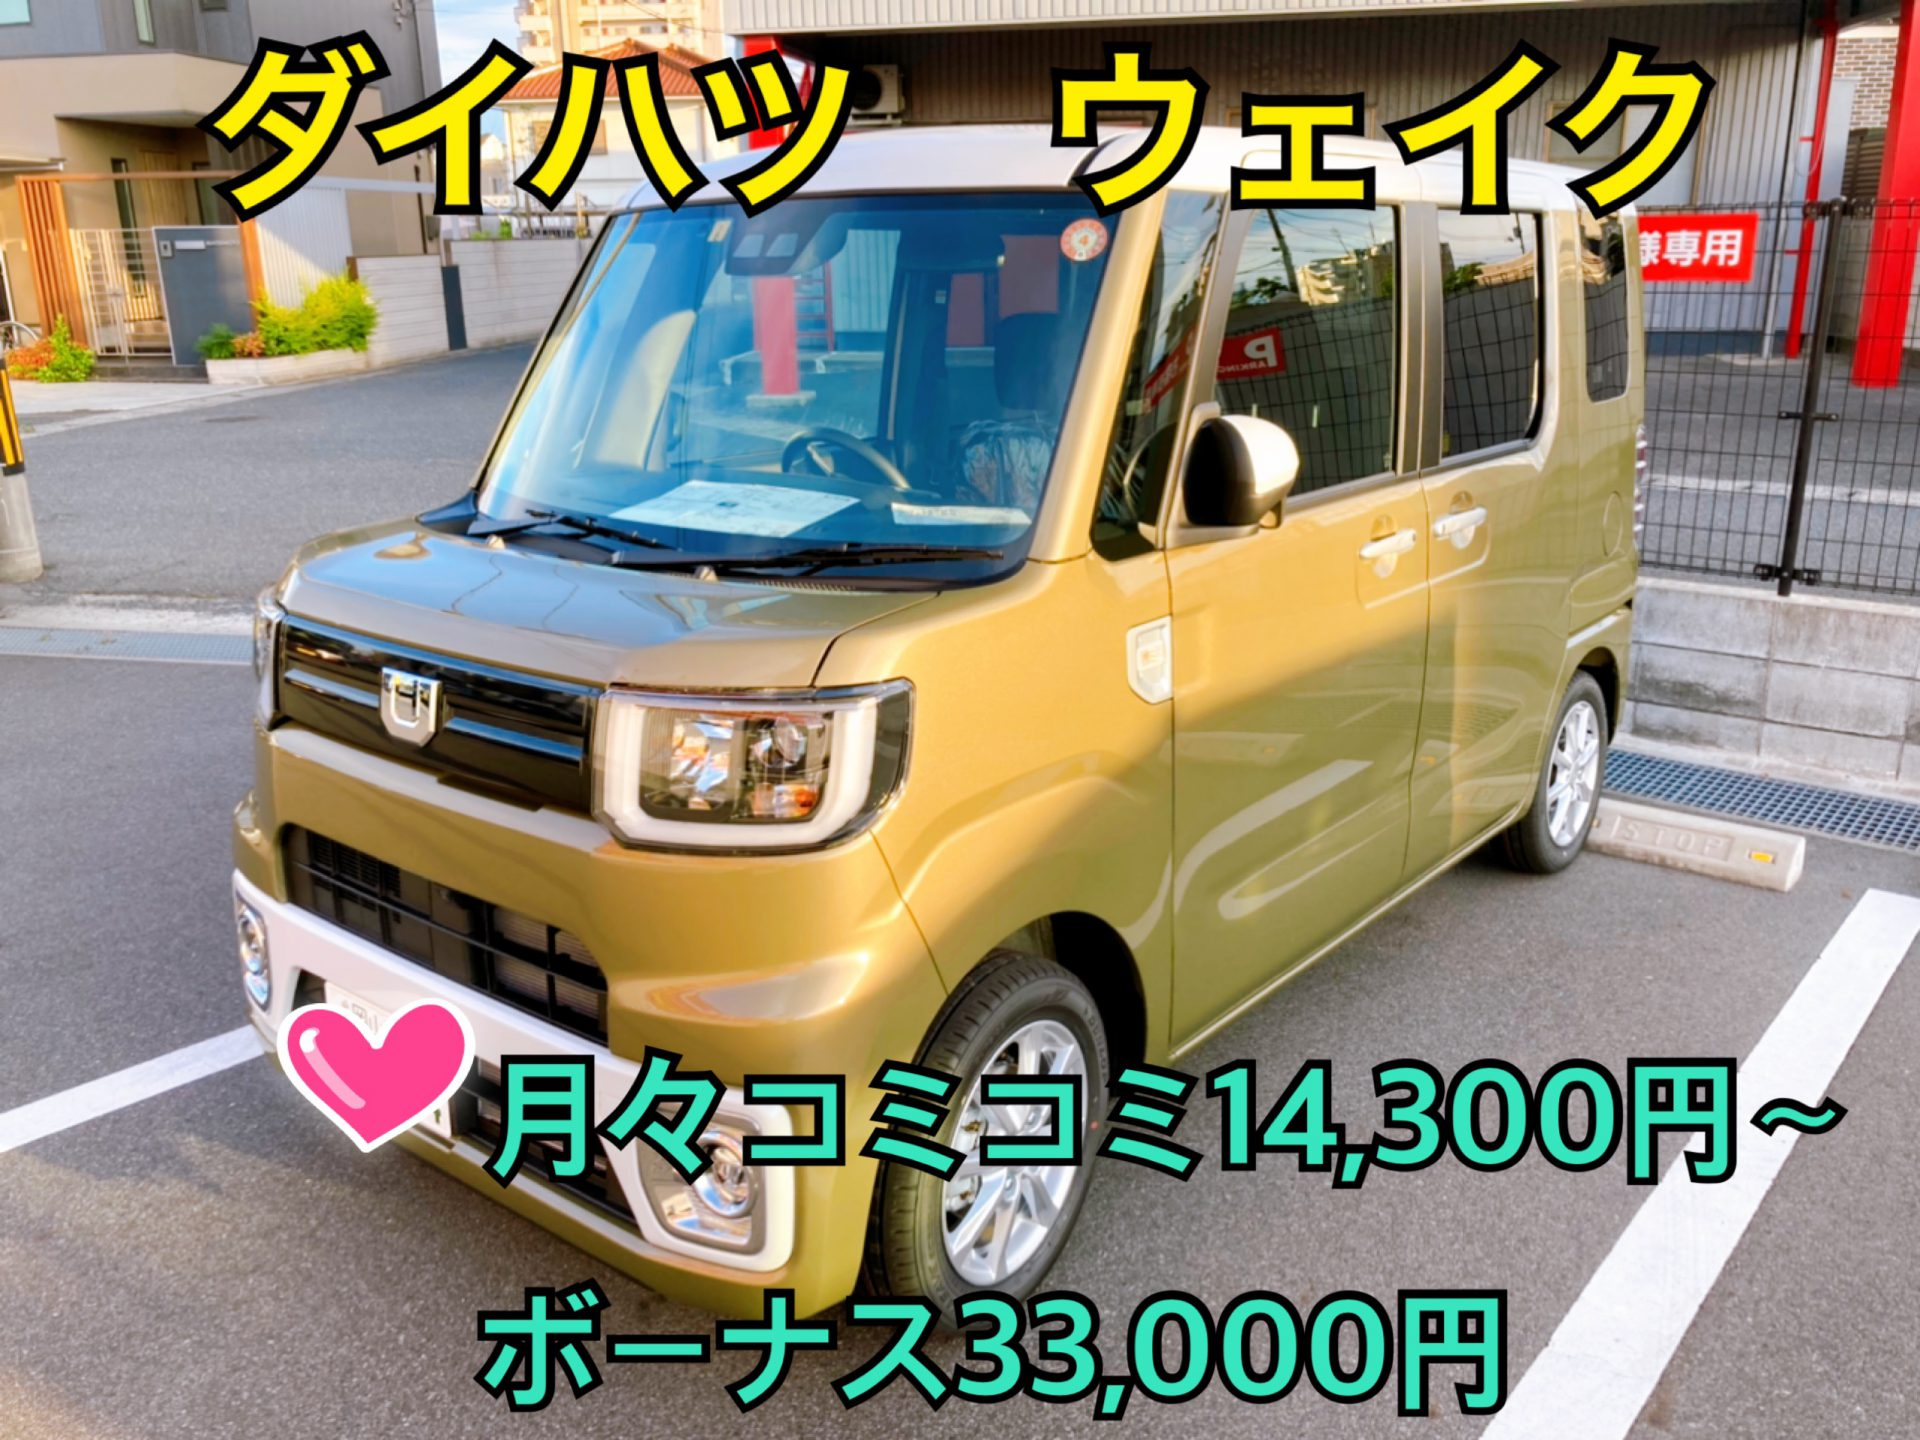 岡山で新車のウェイクを安く乗るならコバックへ!!